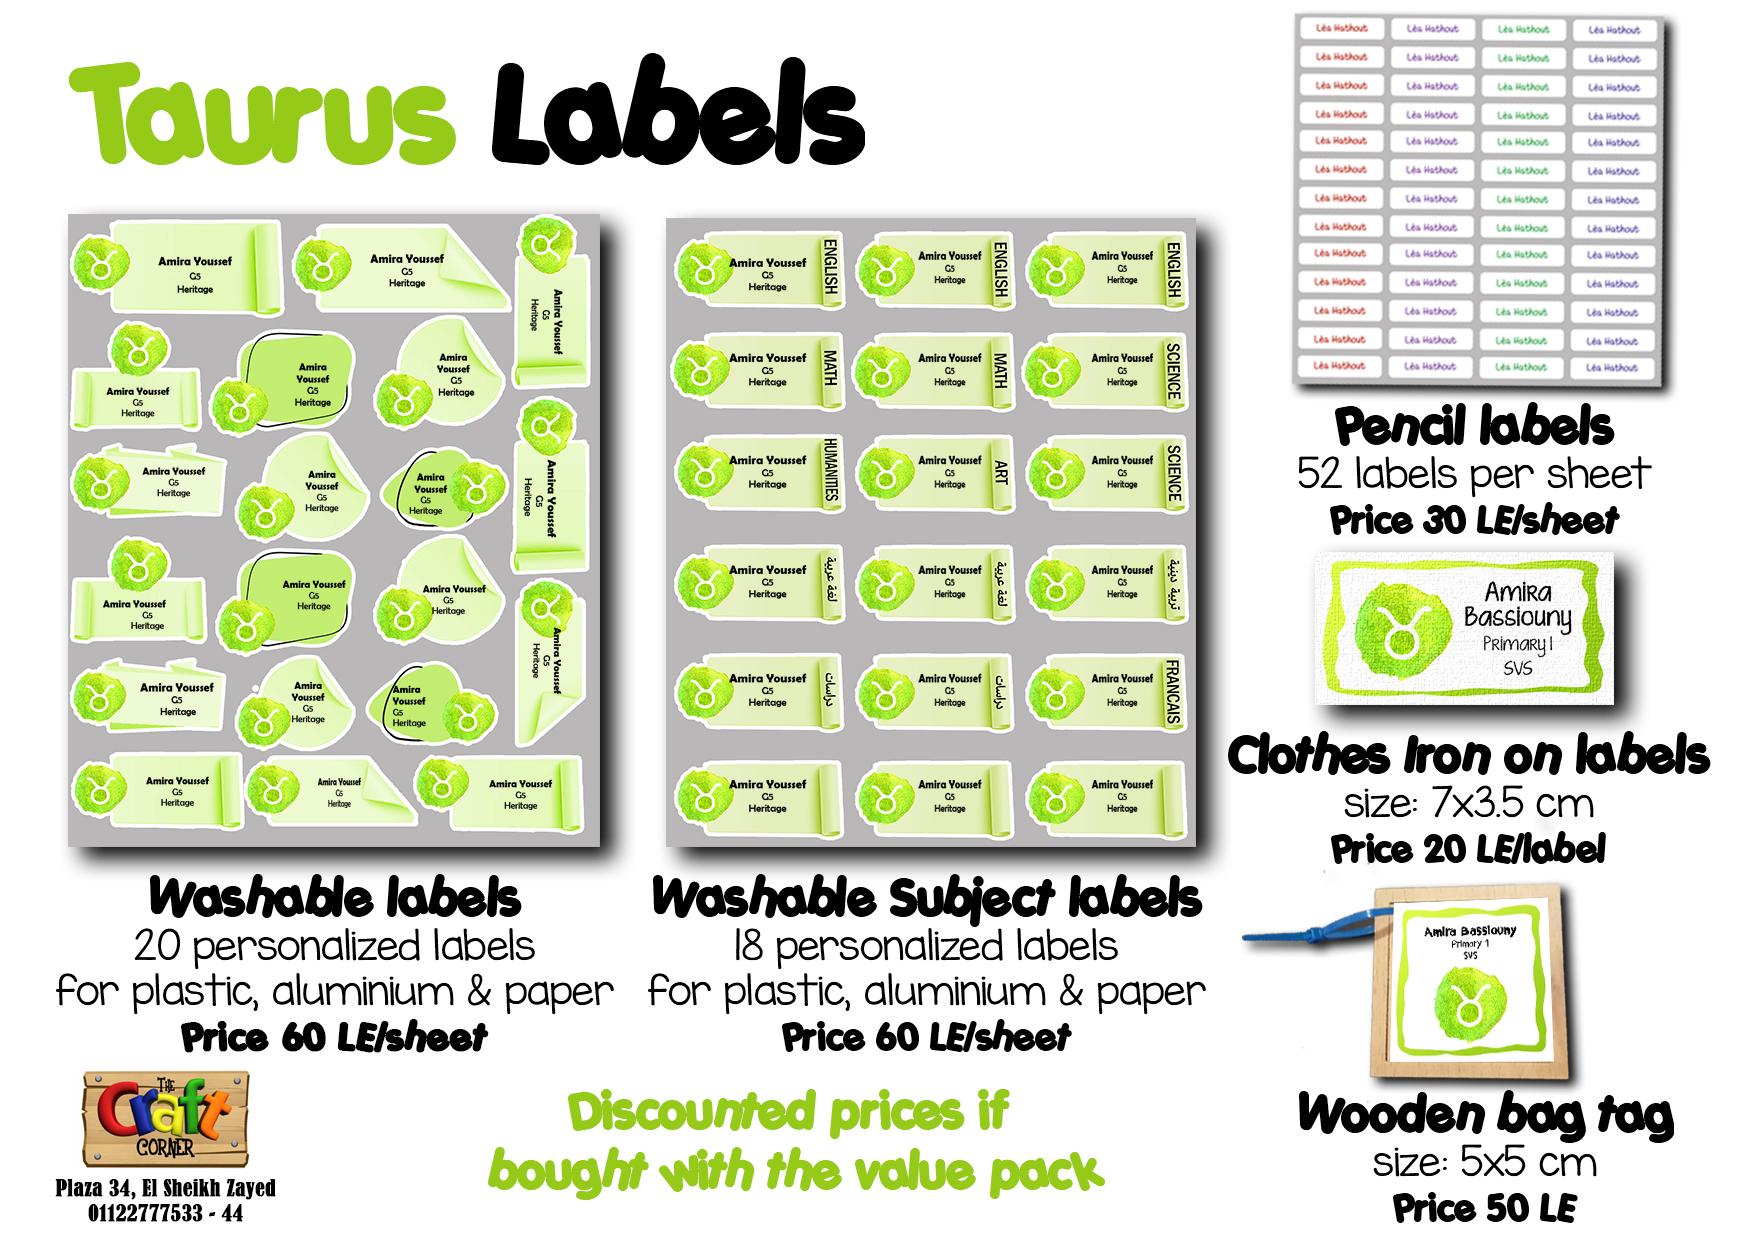 taurus Labels